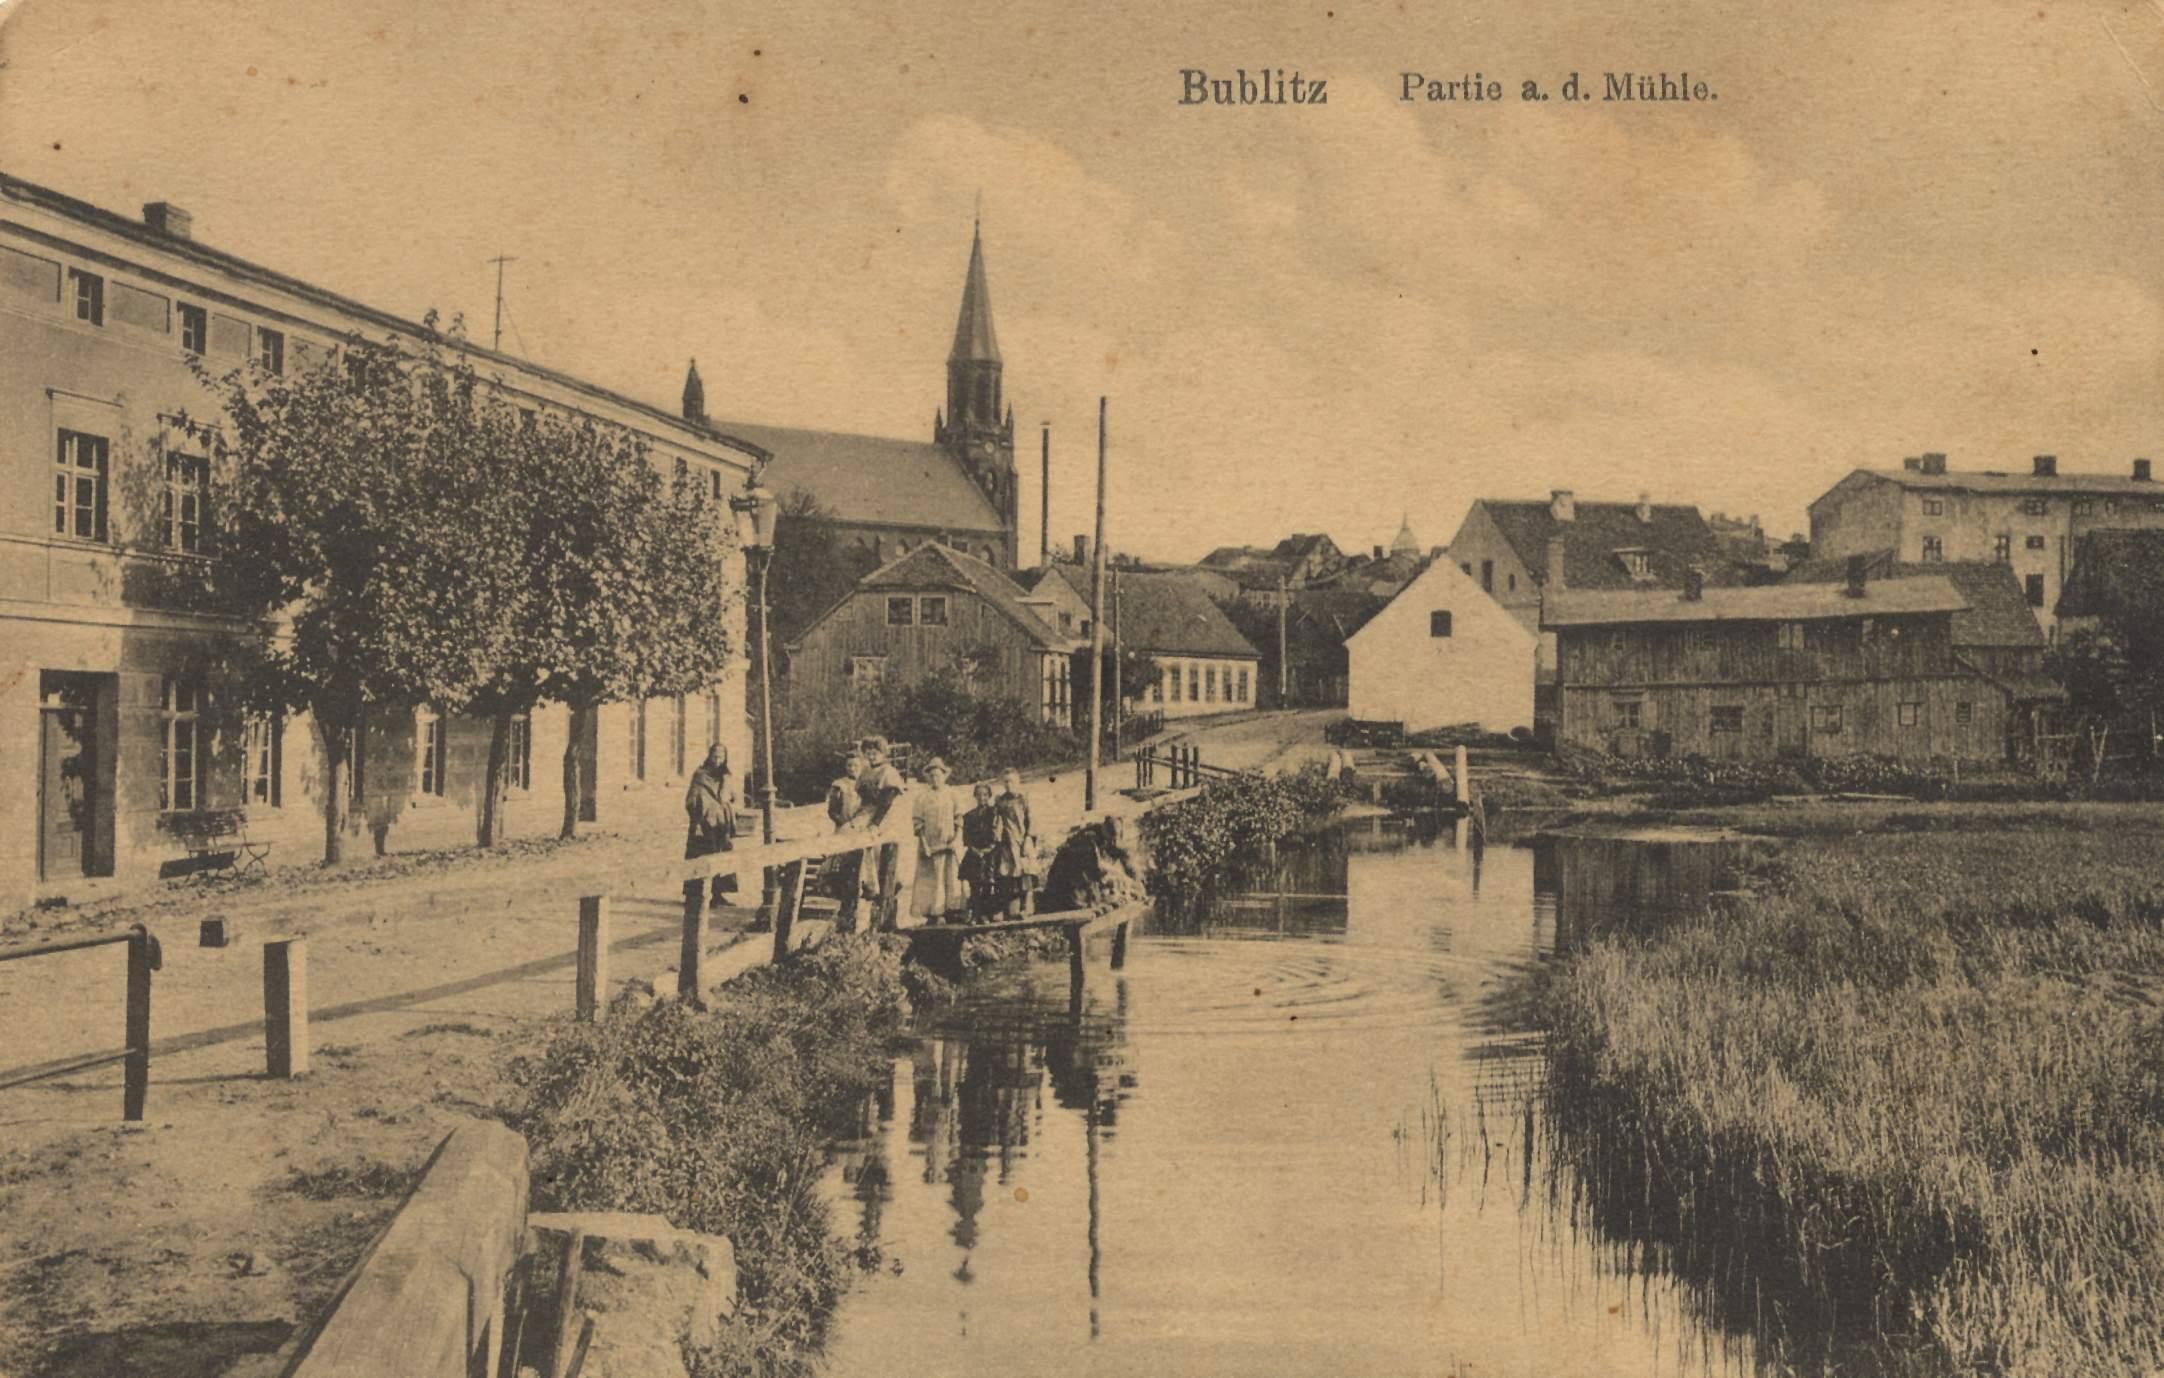 Bublitz 1917